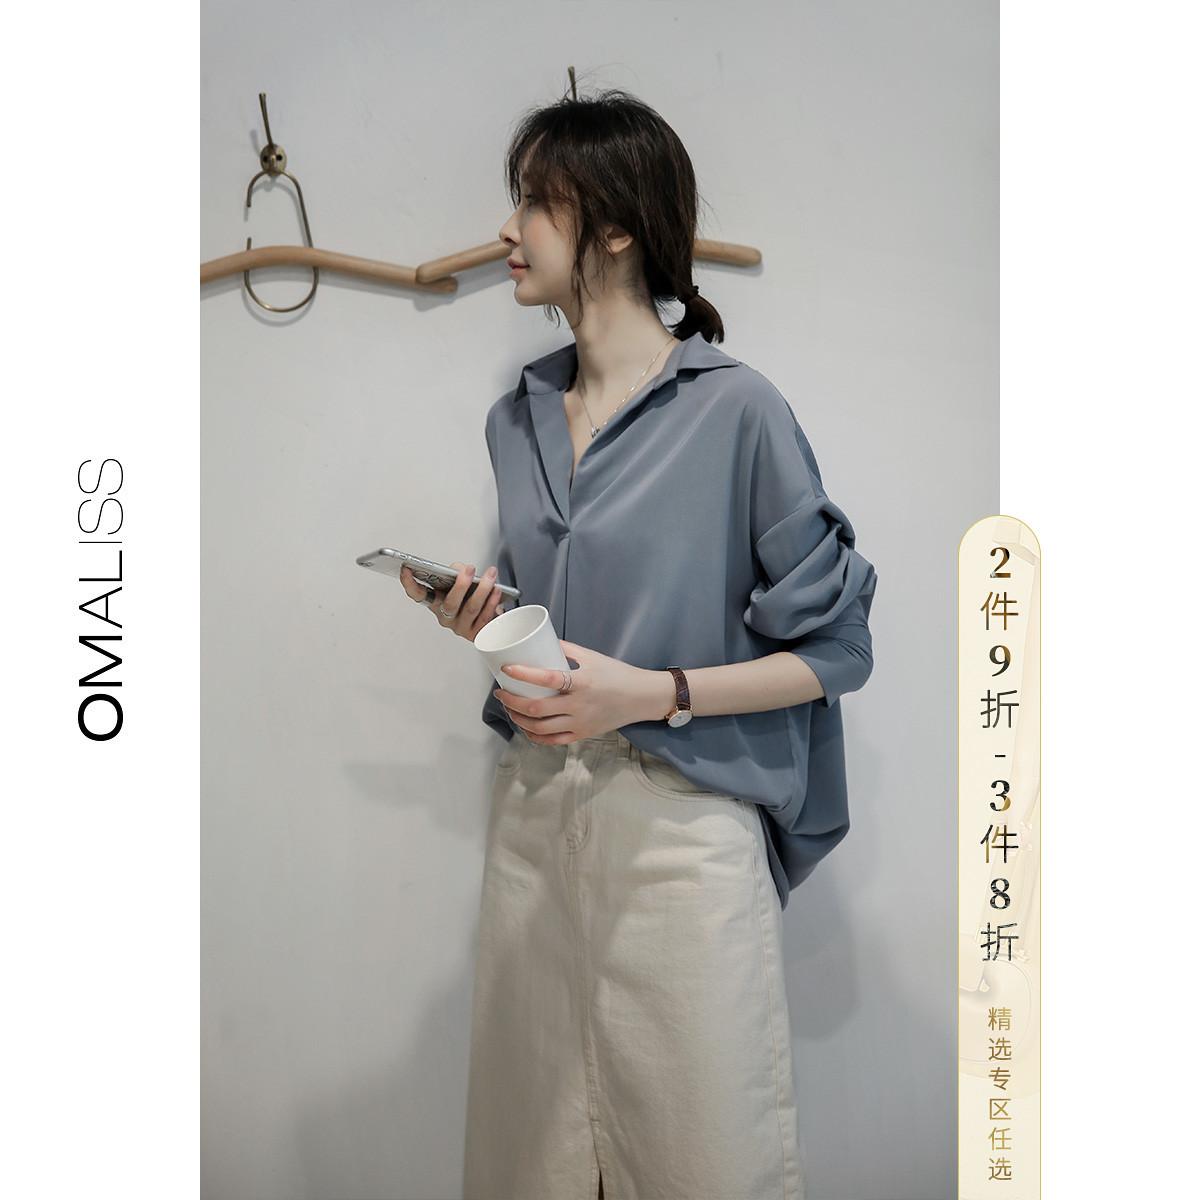 韩版宽松洋气雪纺衬衫女2019秋季新款设计感小众长袖衬衣V领上衣